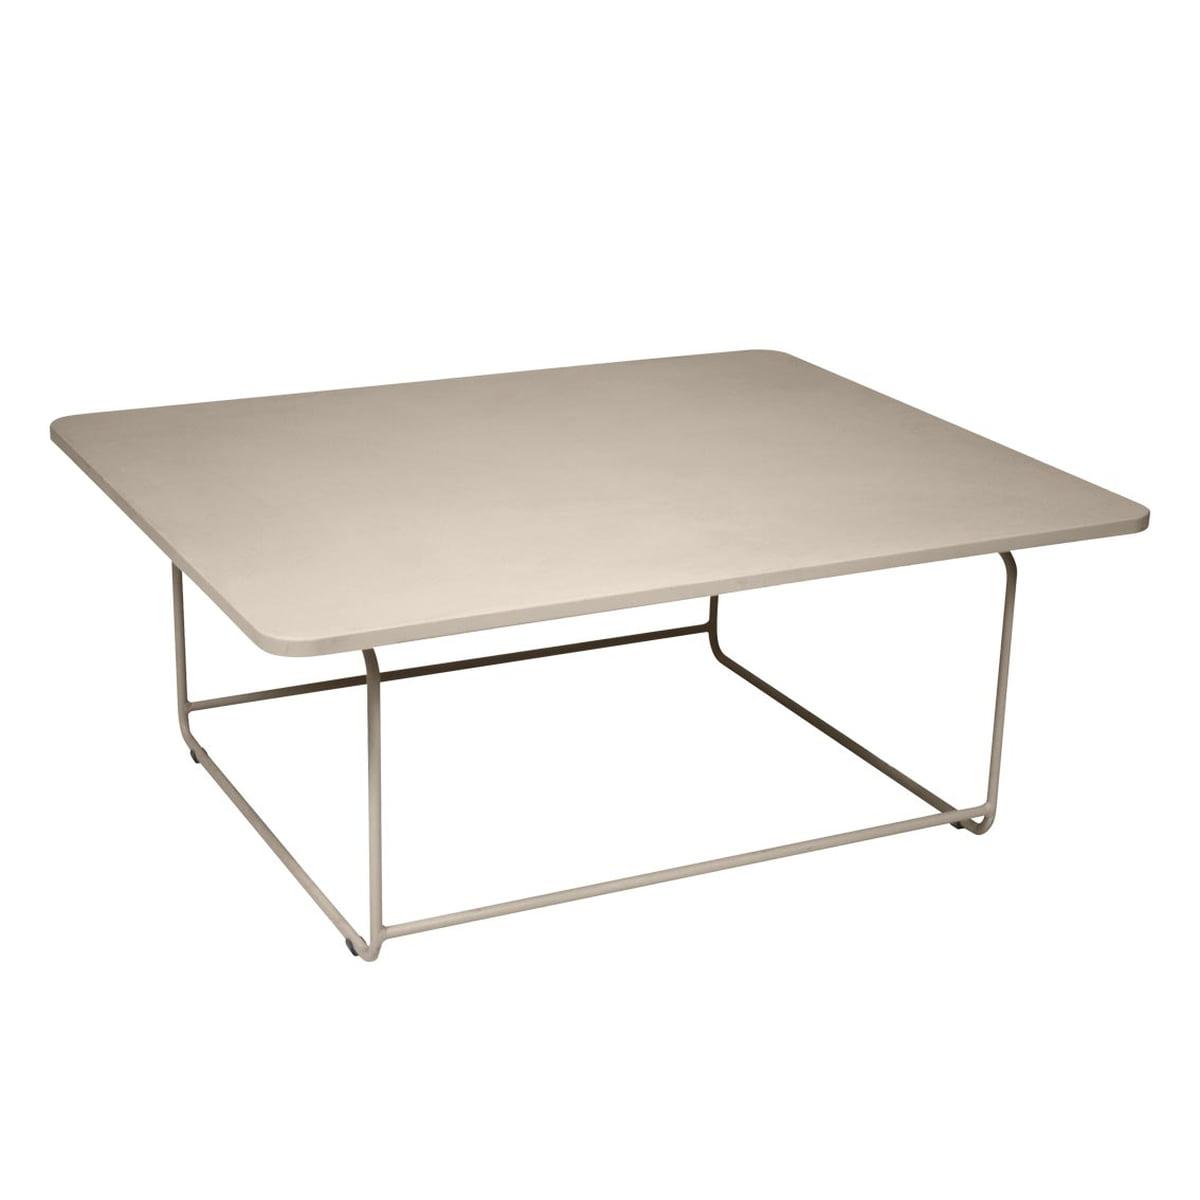 ellipse niedriger tisch von fermob. Black Bedroom Furniture Sets. Home Design Ideas